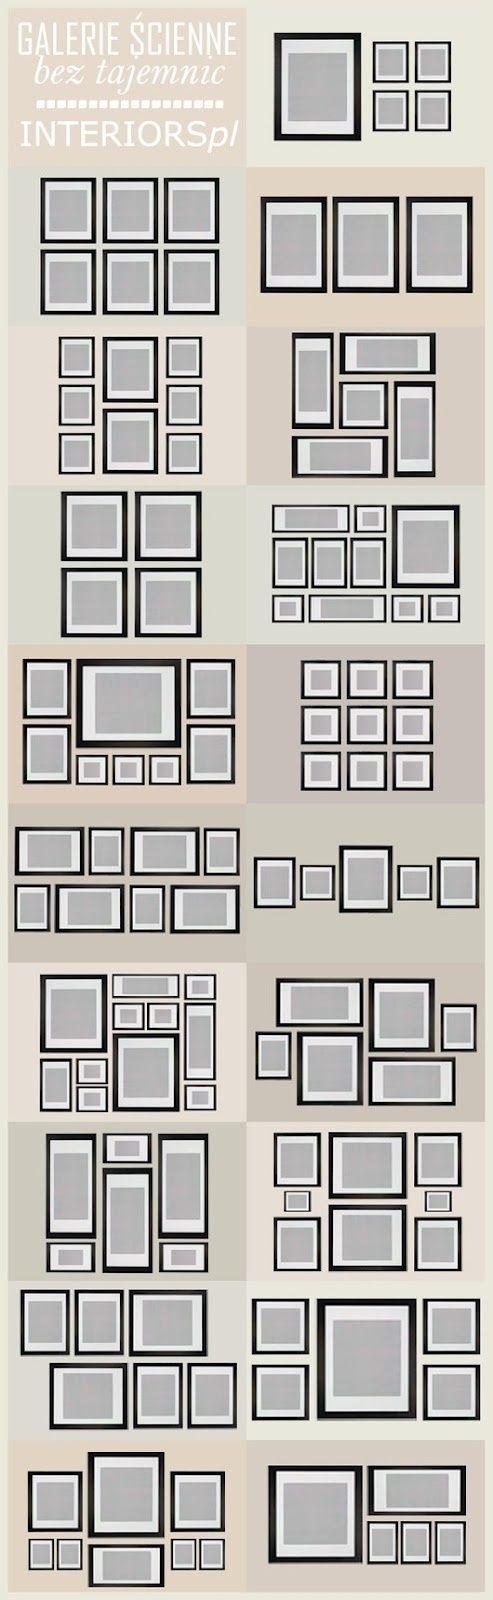 algumas composições bacanas para organizar quadros nas paredes.